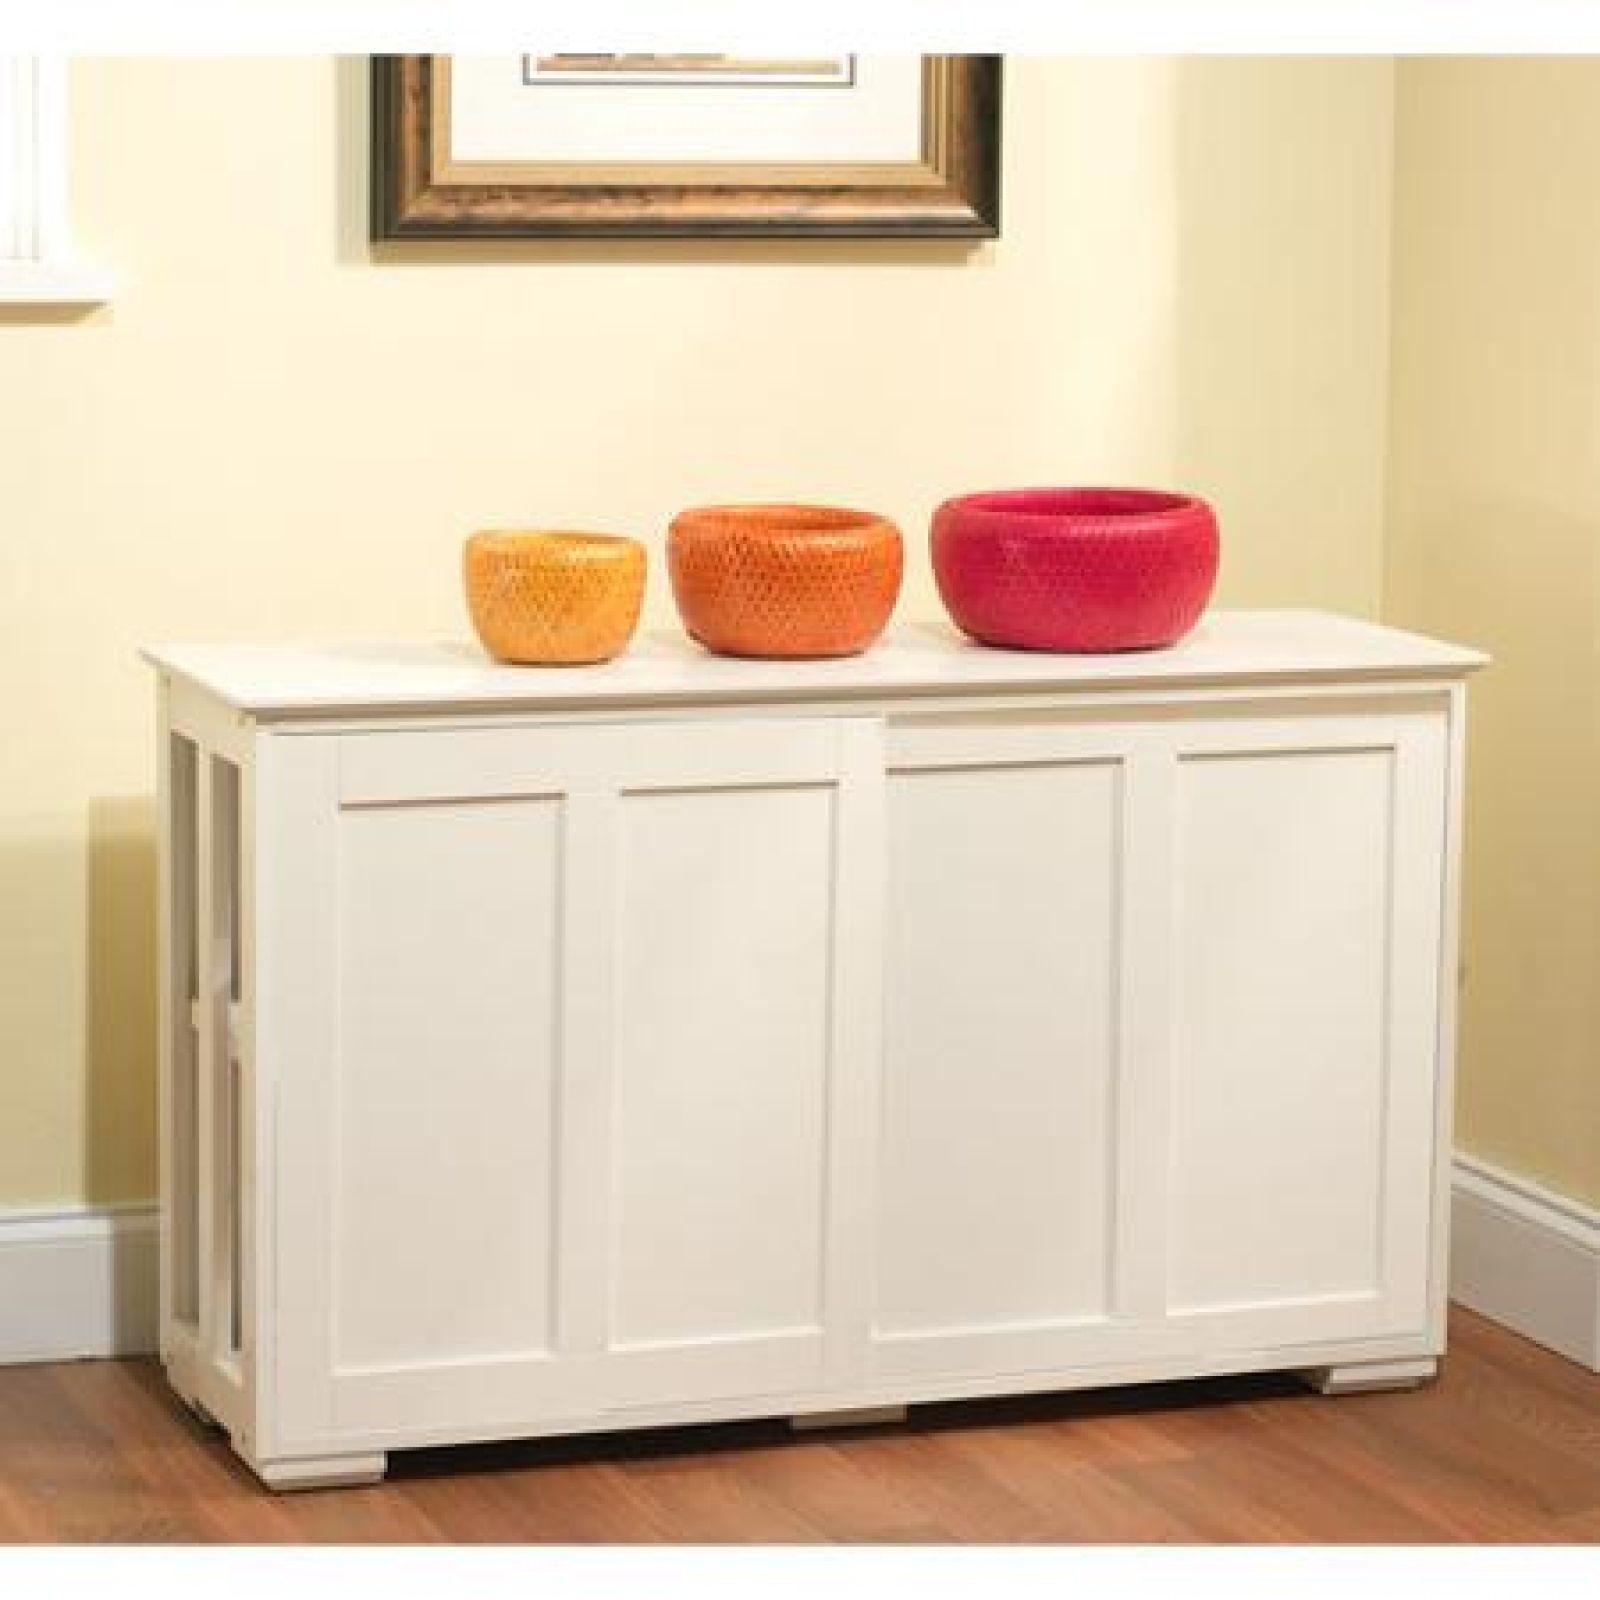 Storage Cabinet For Kitchen: White Kitchen Storage Cabinet Stackable Sliding Door Wood